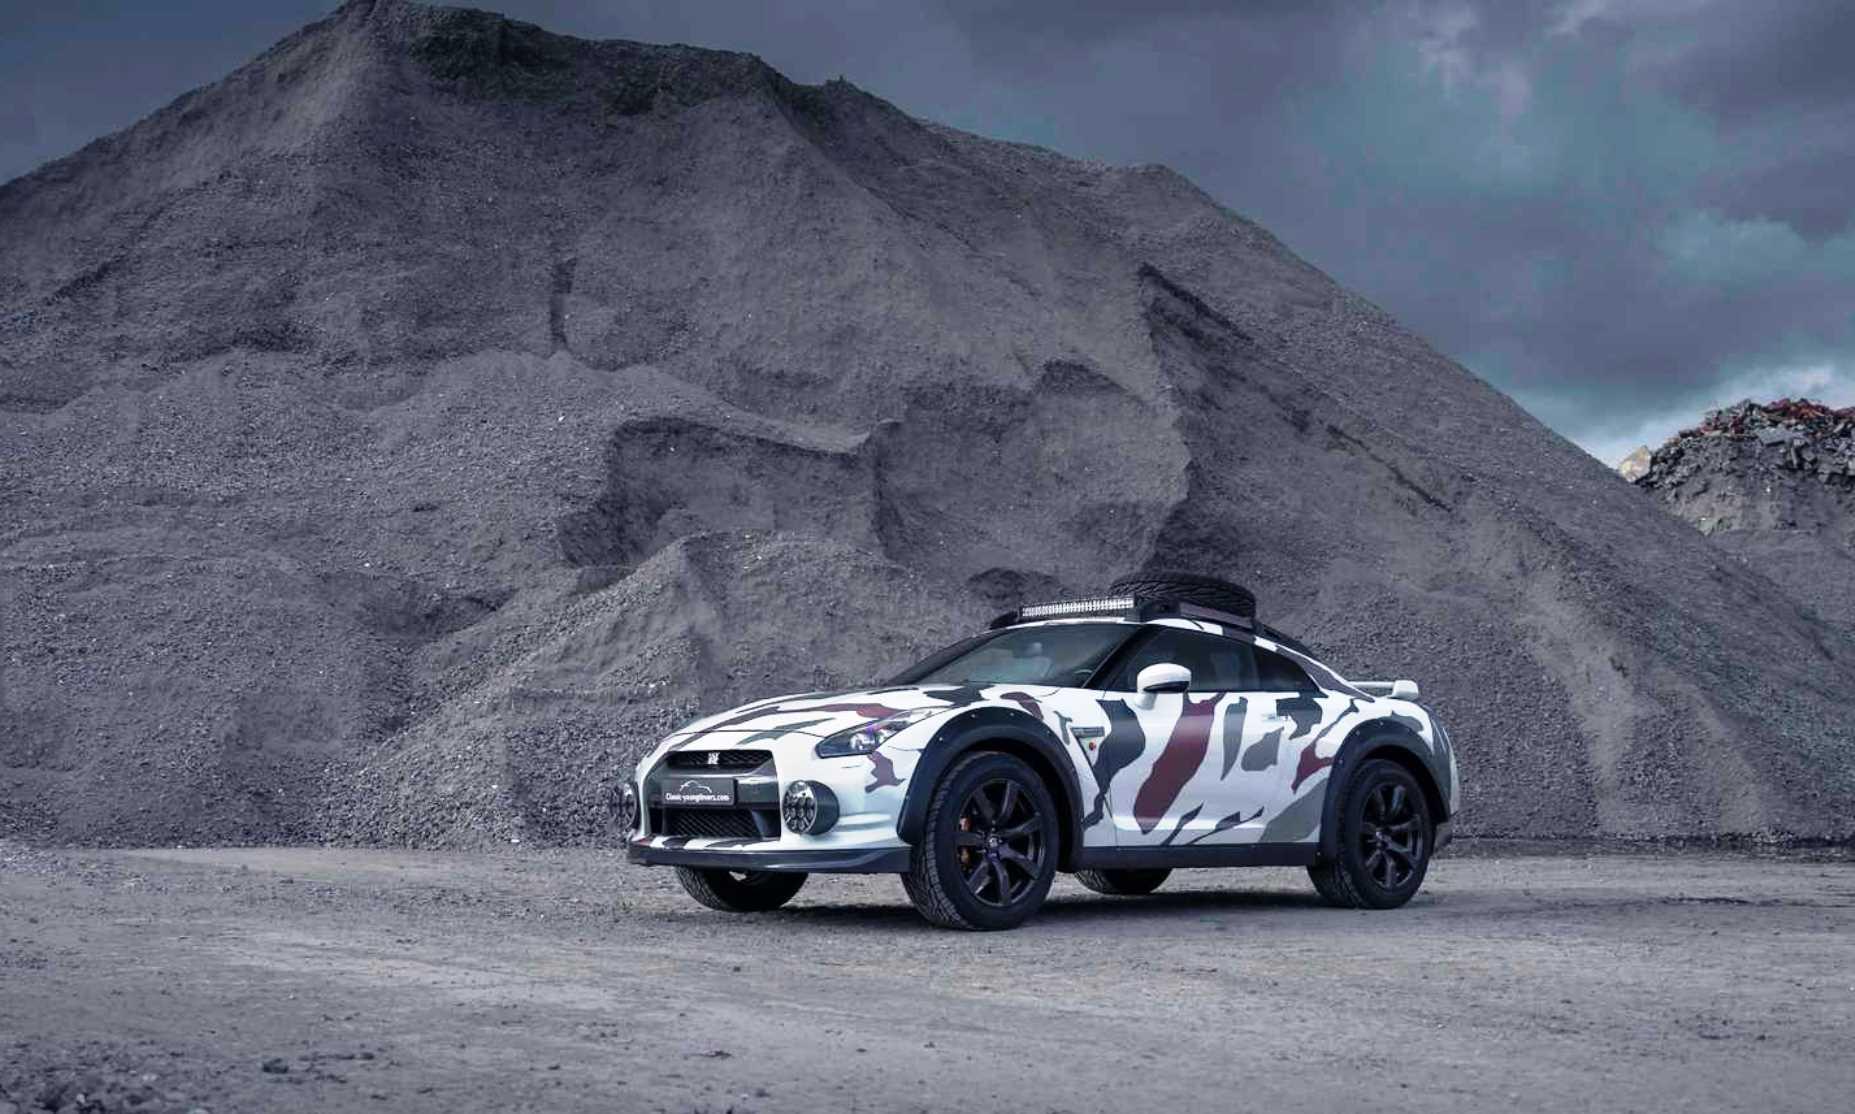 Nissan GT-R Off-Roader front